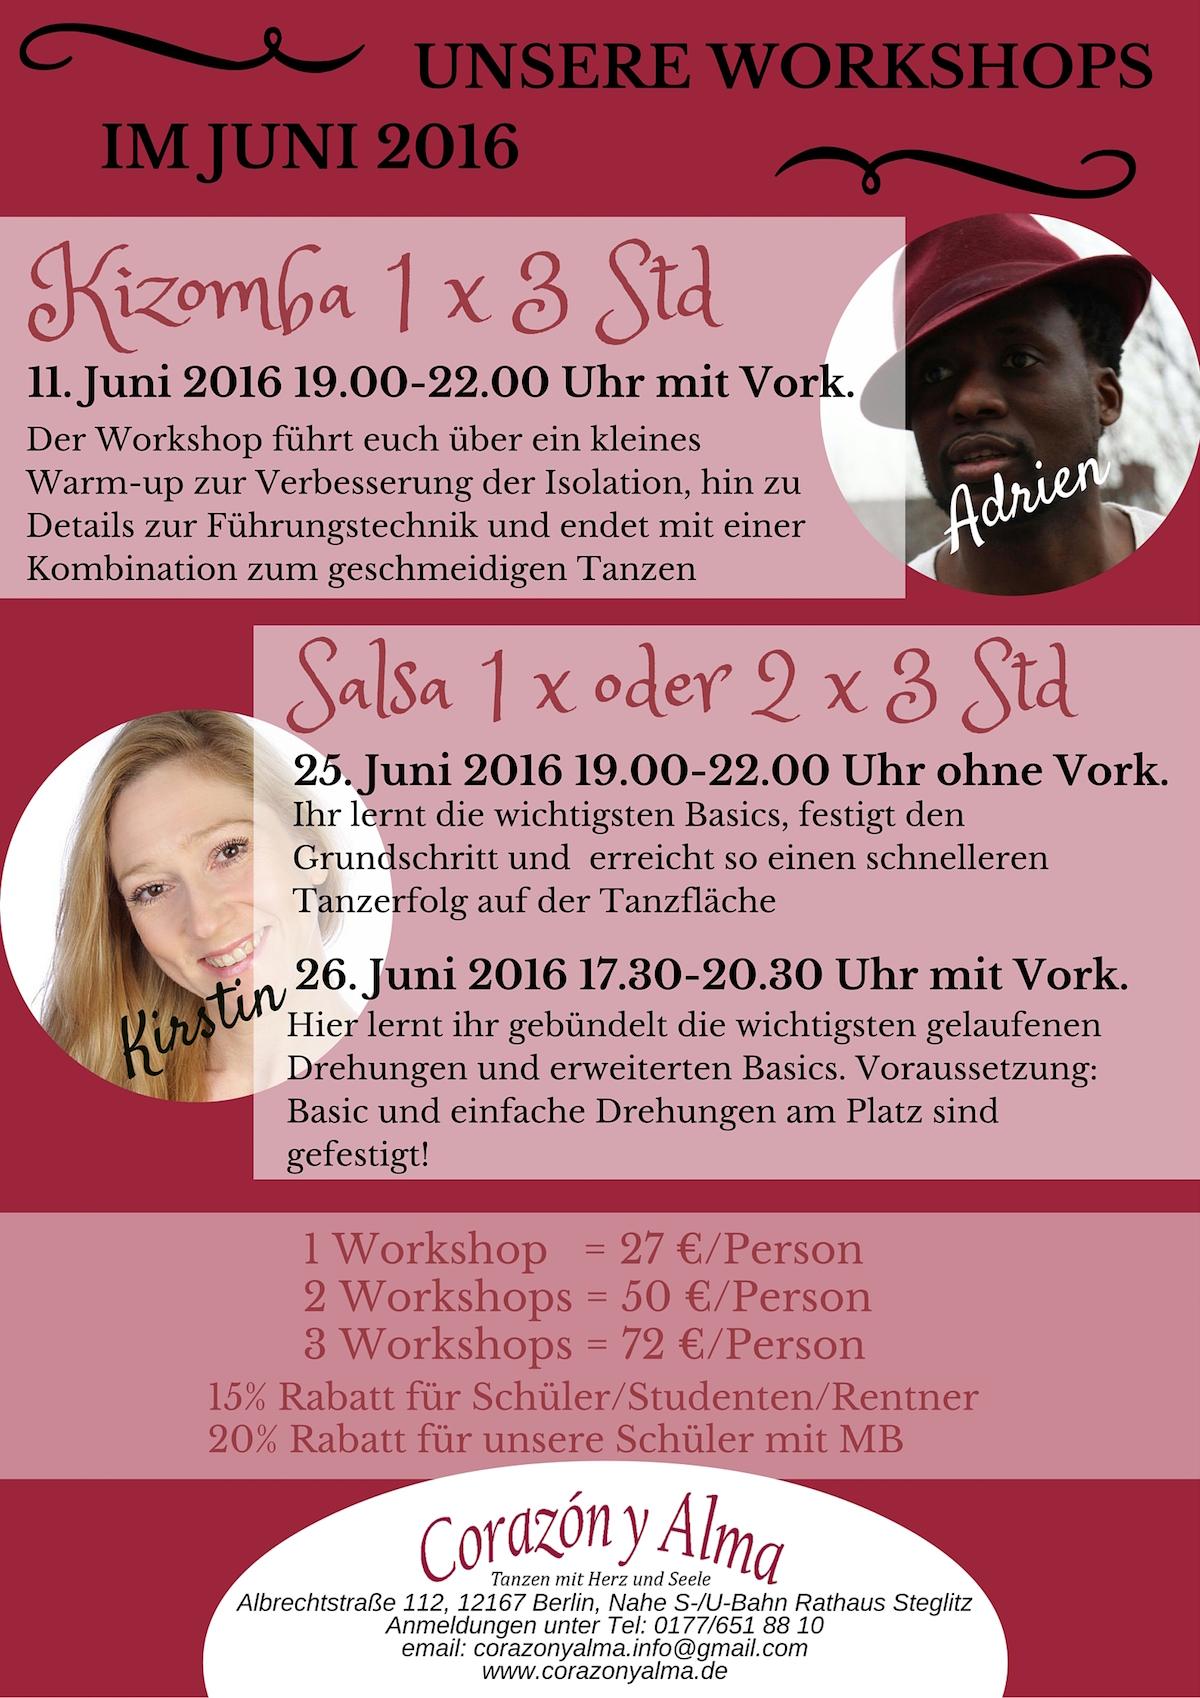 Salsa für Einsteiger / Einsteiger mit Vorkenntnissen in Berlin